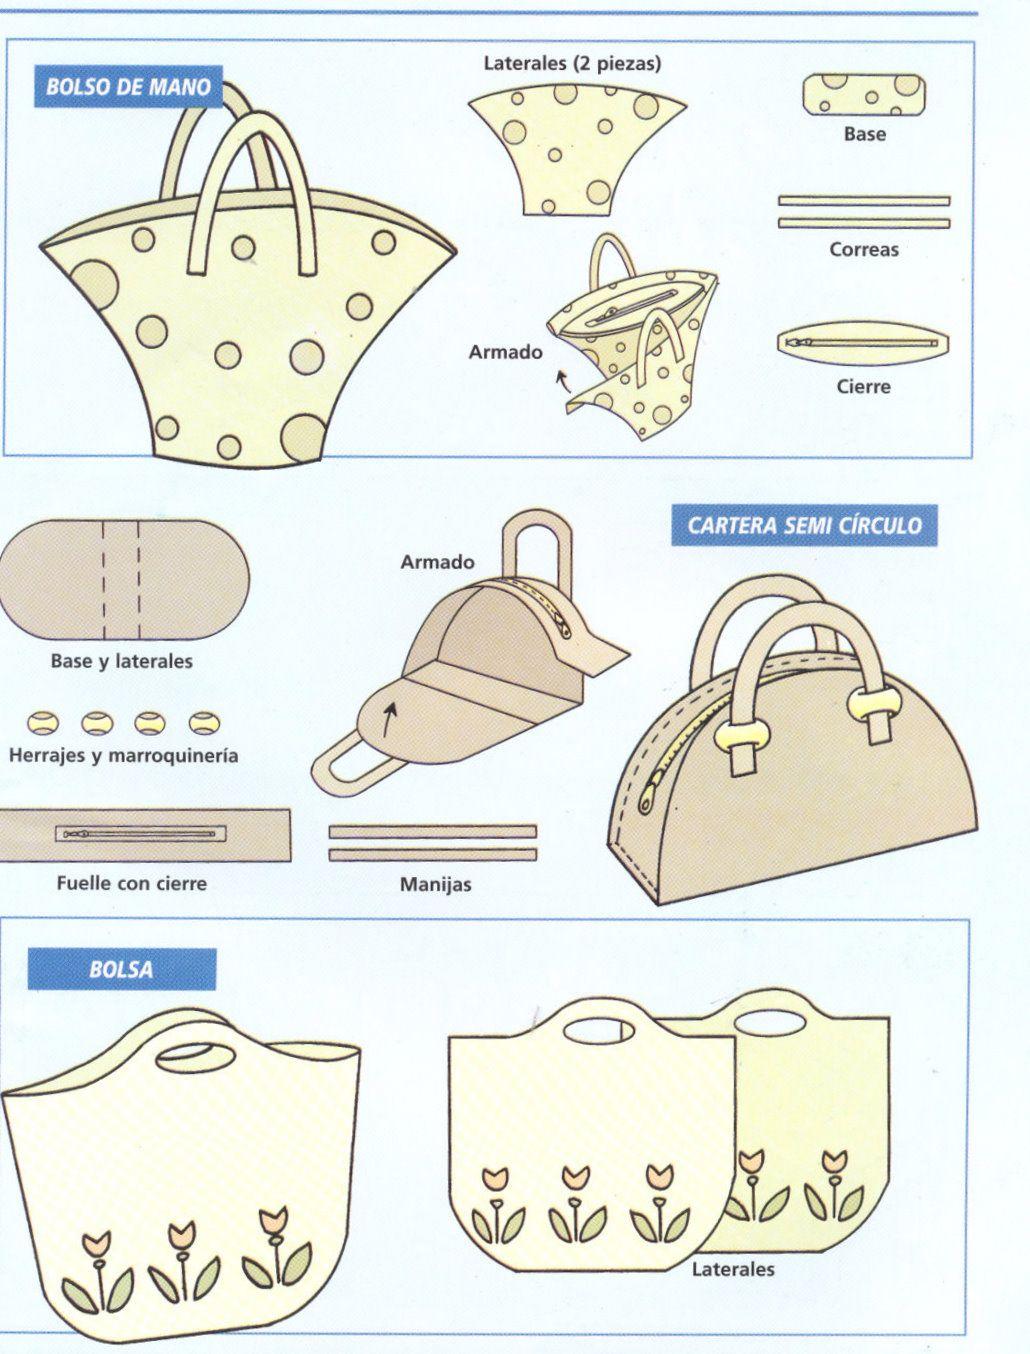 moldes de carteras para imprimir - Buscar con Google | LAURA ...